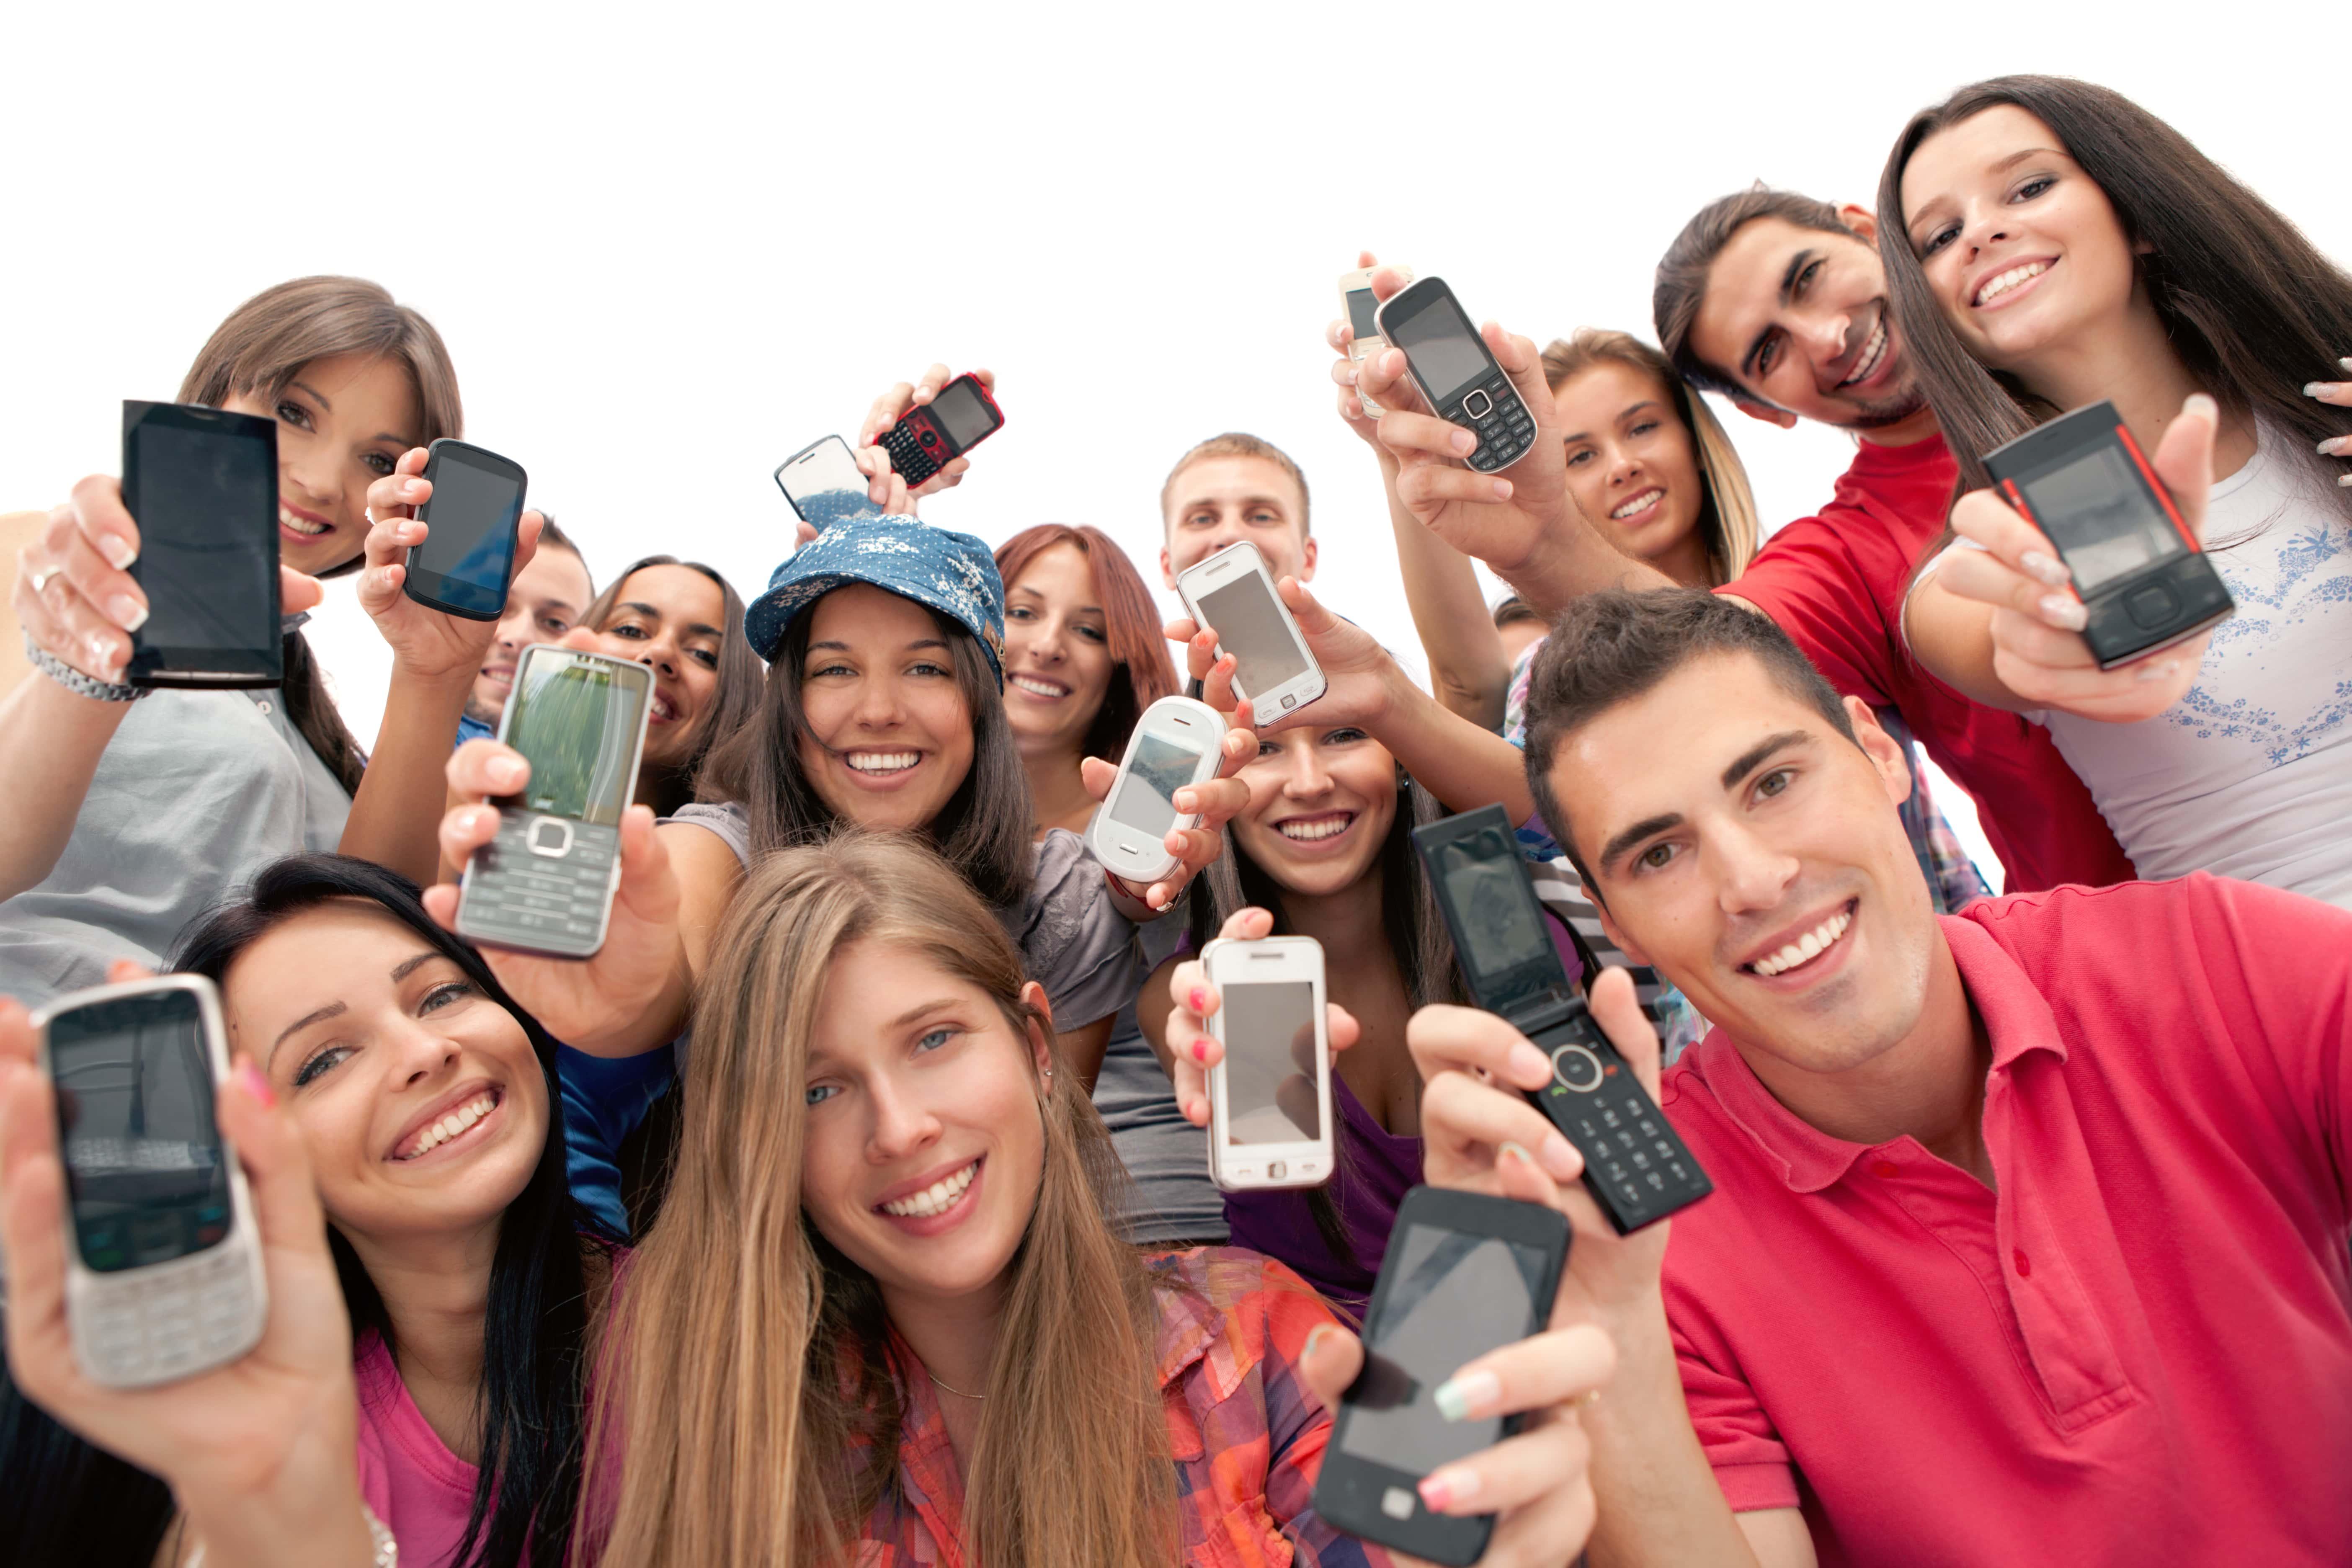 Течка порно телефоны для молодежи фото сама